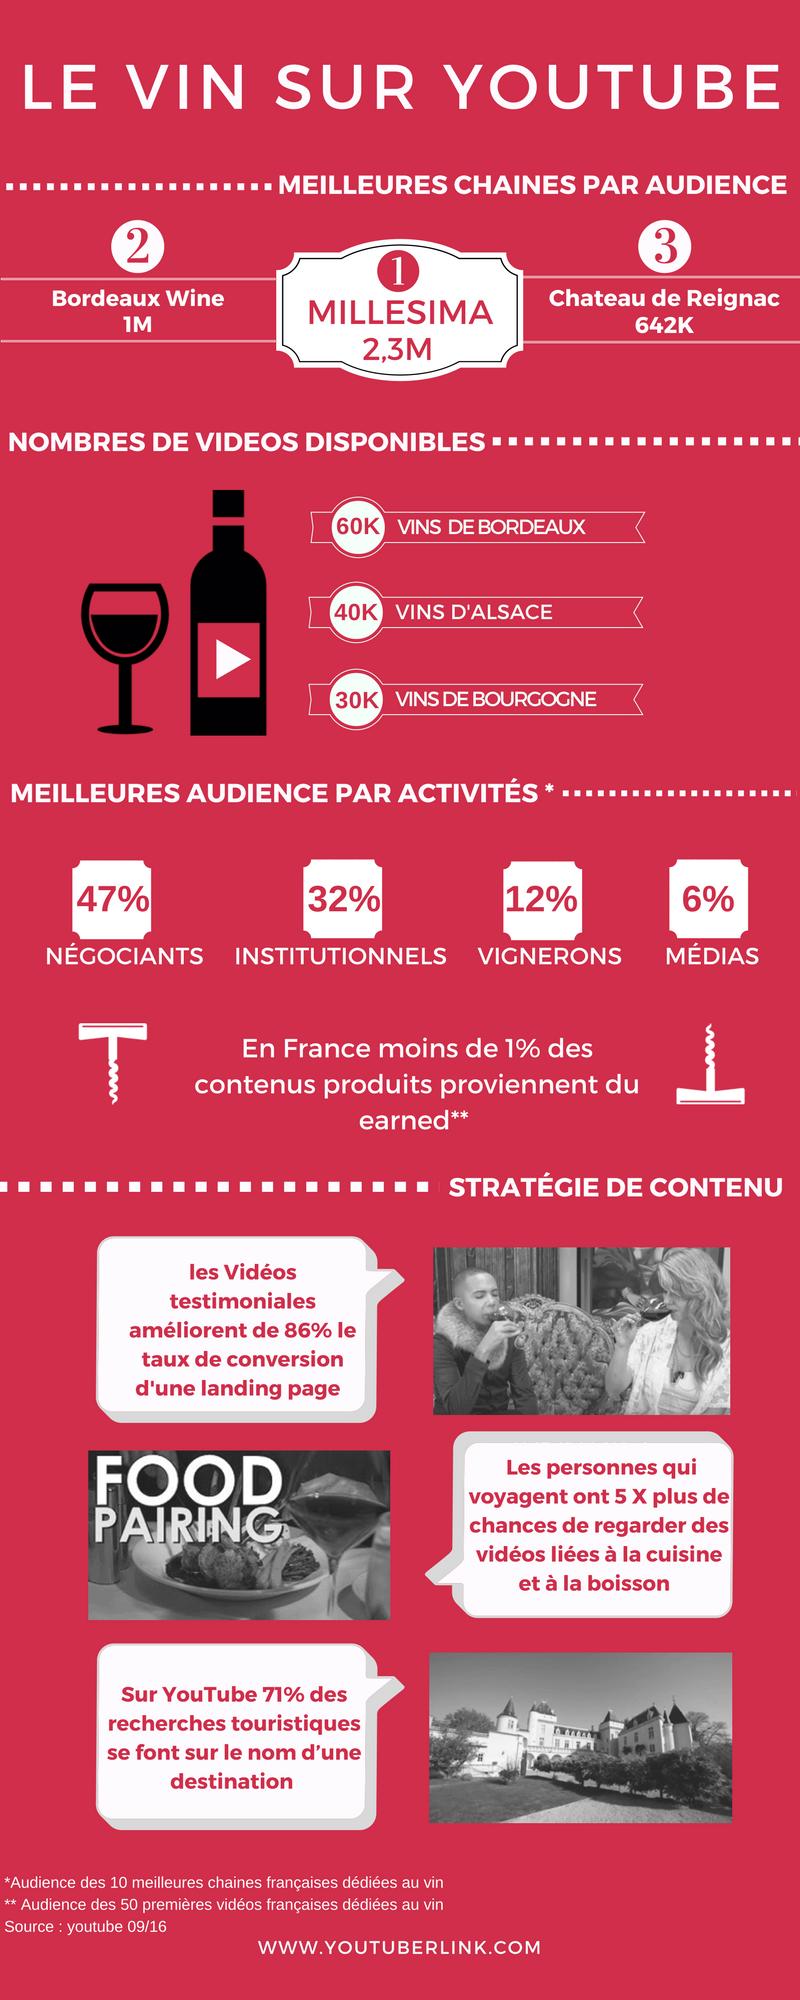 Infographie - le vin sur youtube